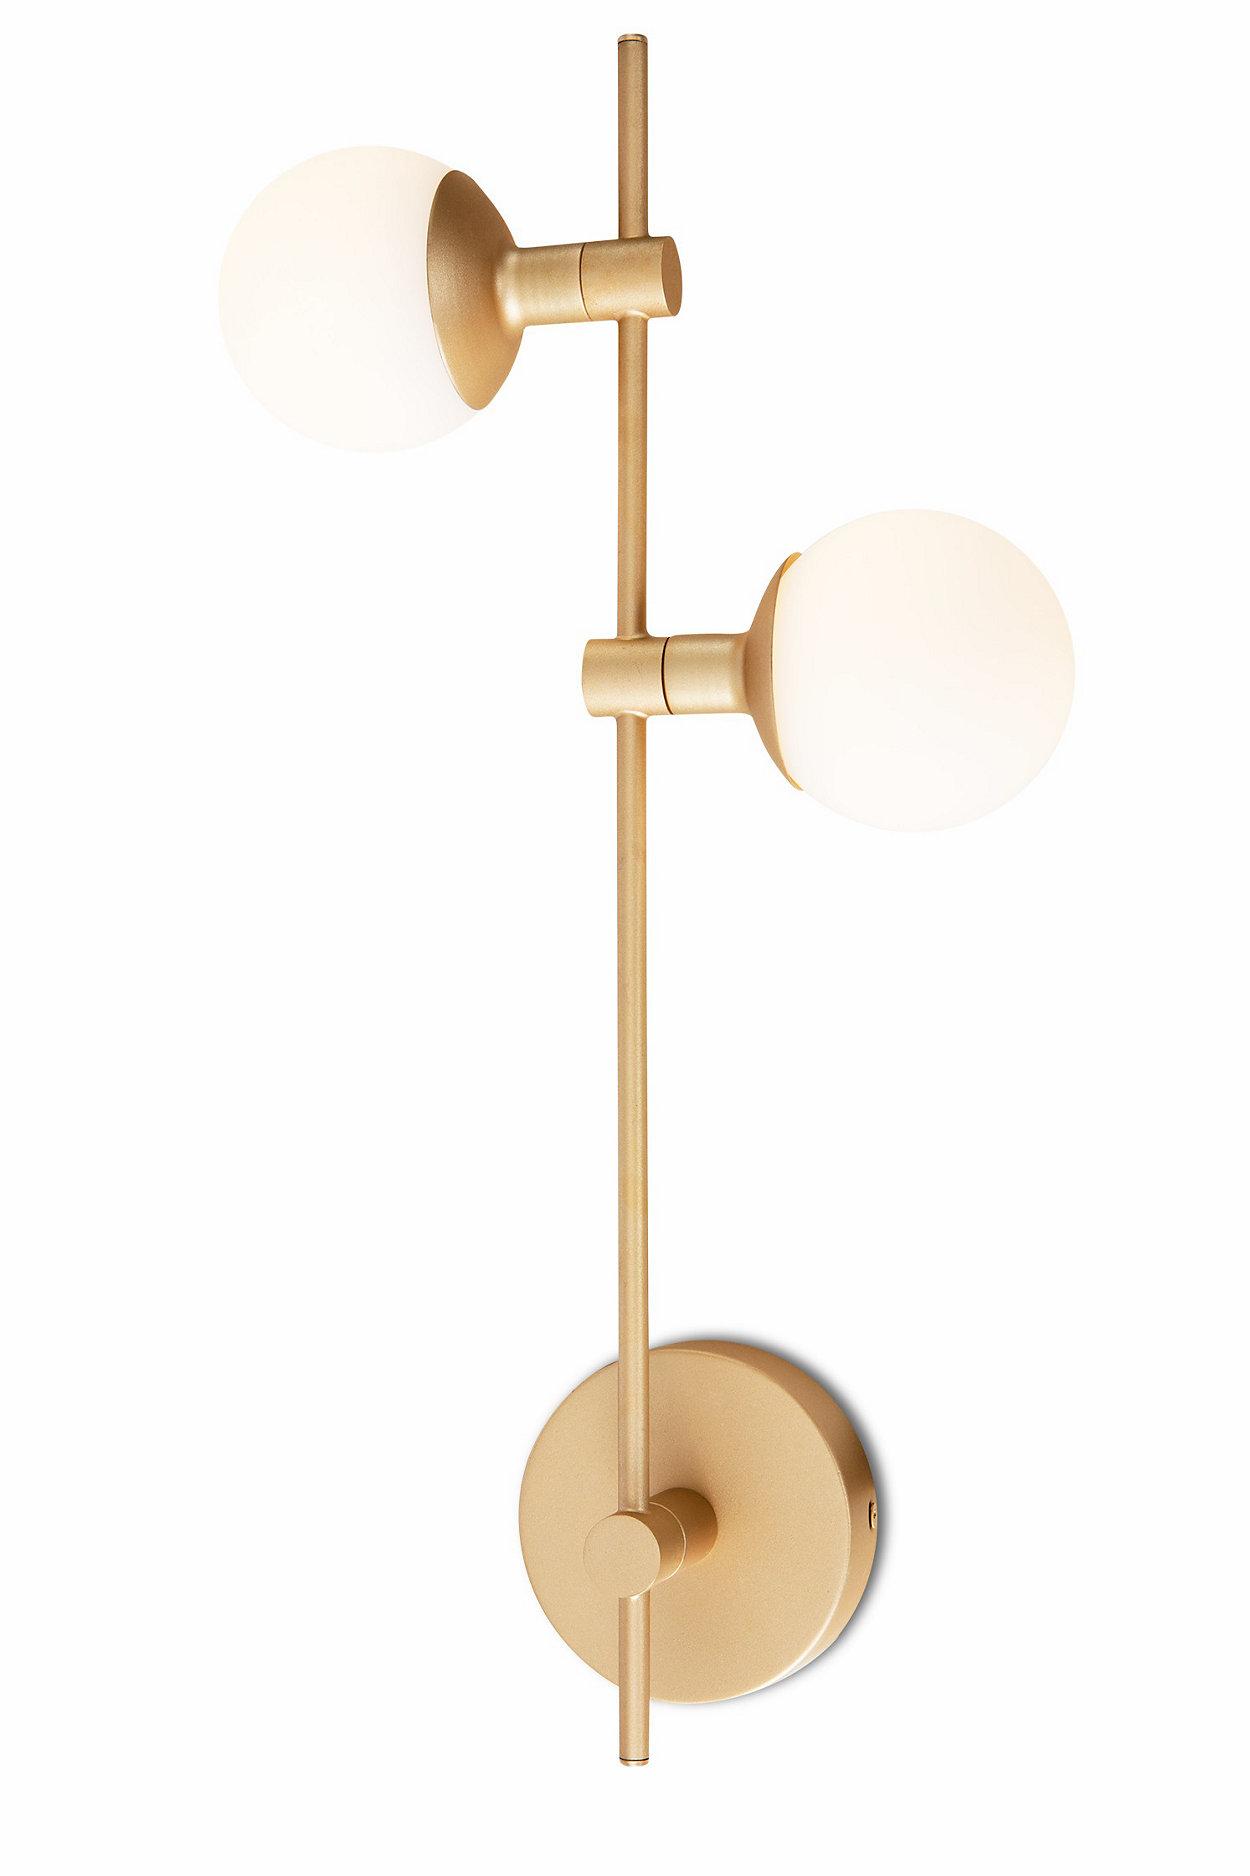 高品质 LED 灯经过精心设计,使用寿命长达数年。